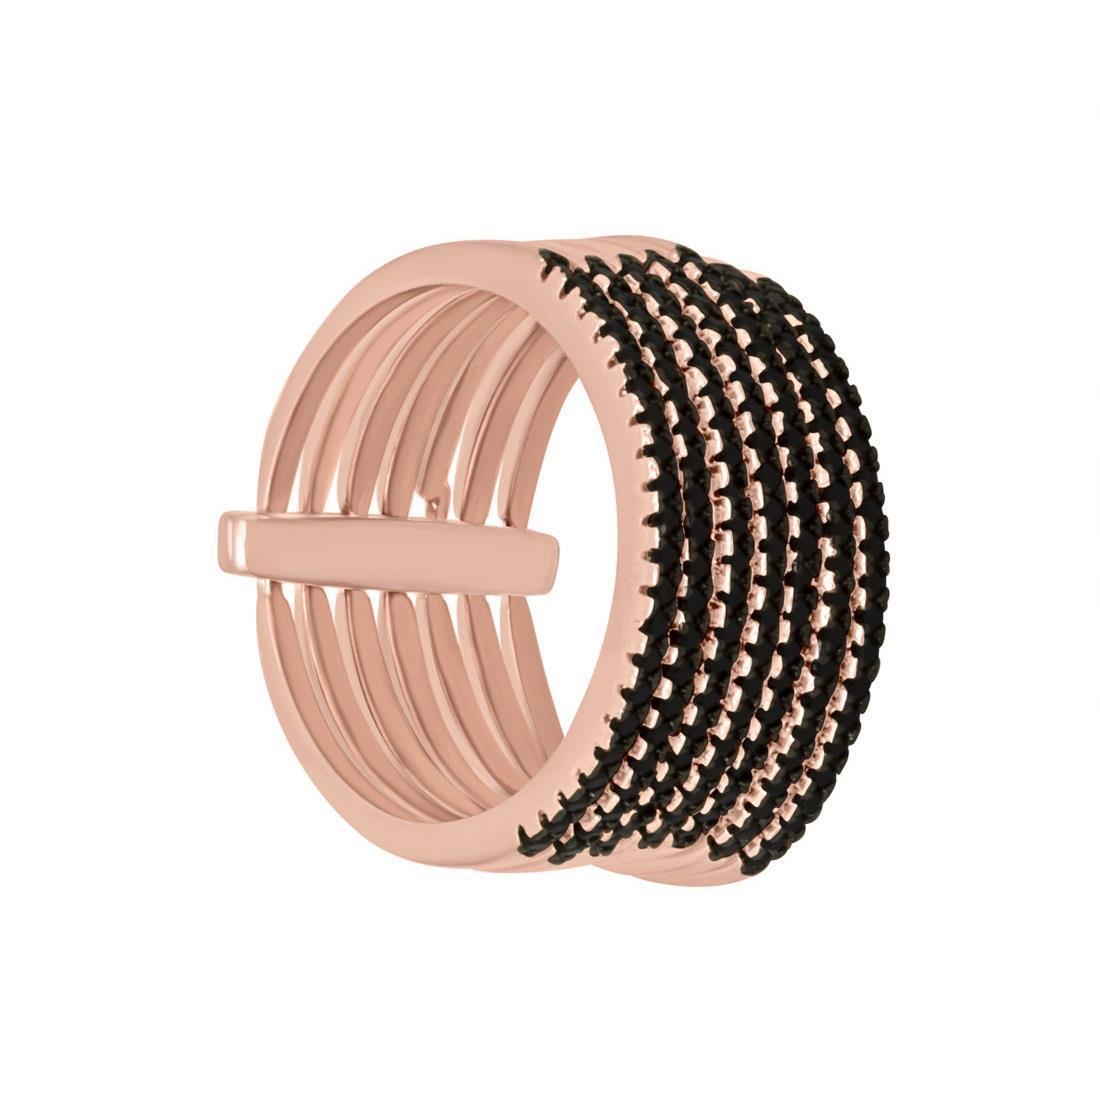 Anello in argento rosa e zirconi neri - ORO&CO 925